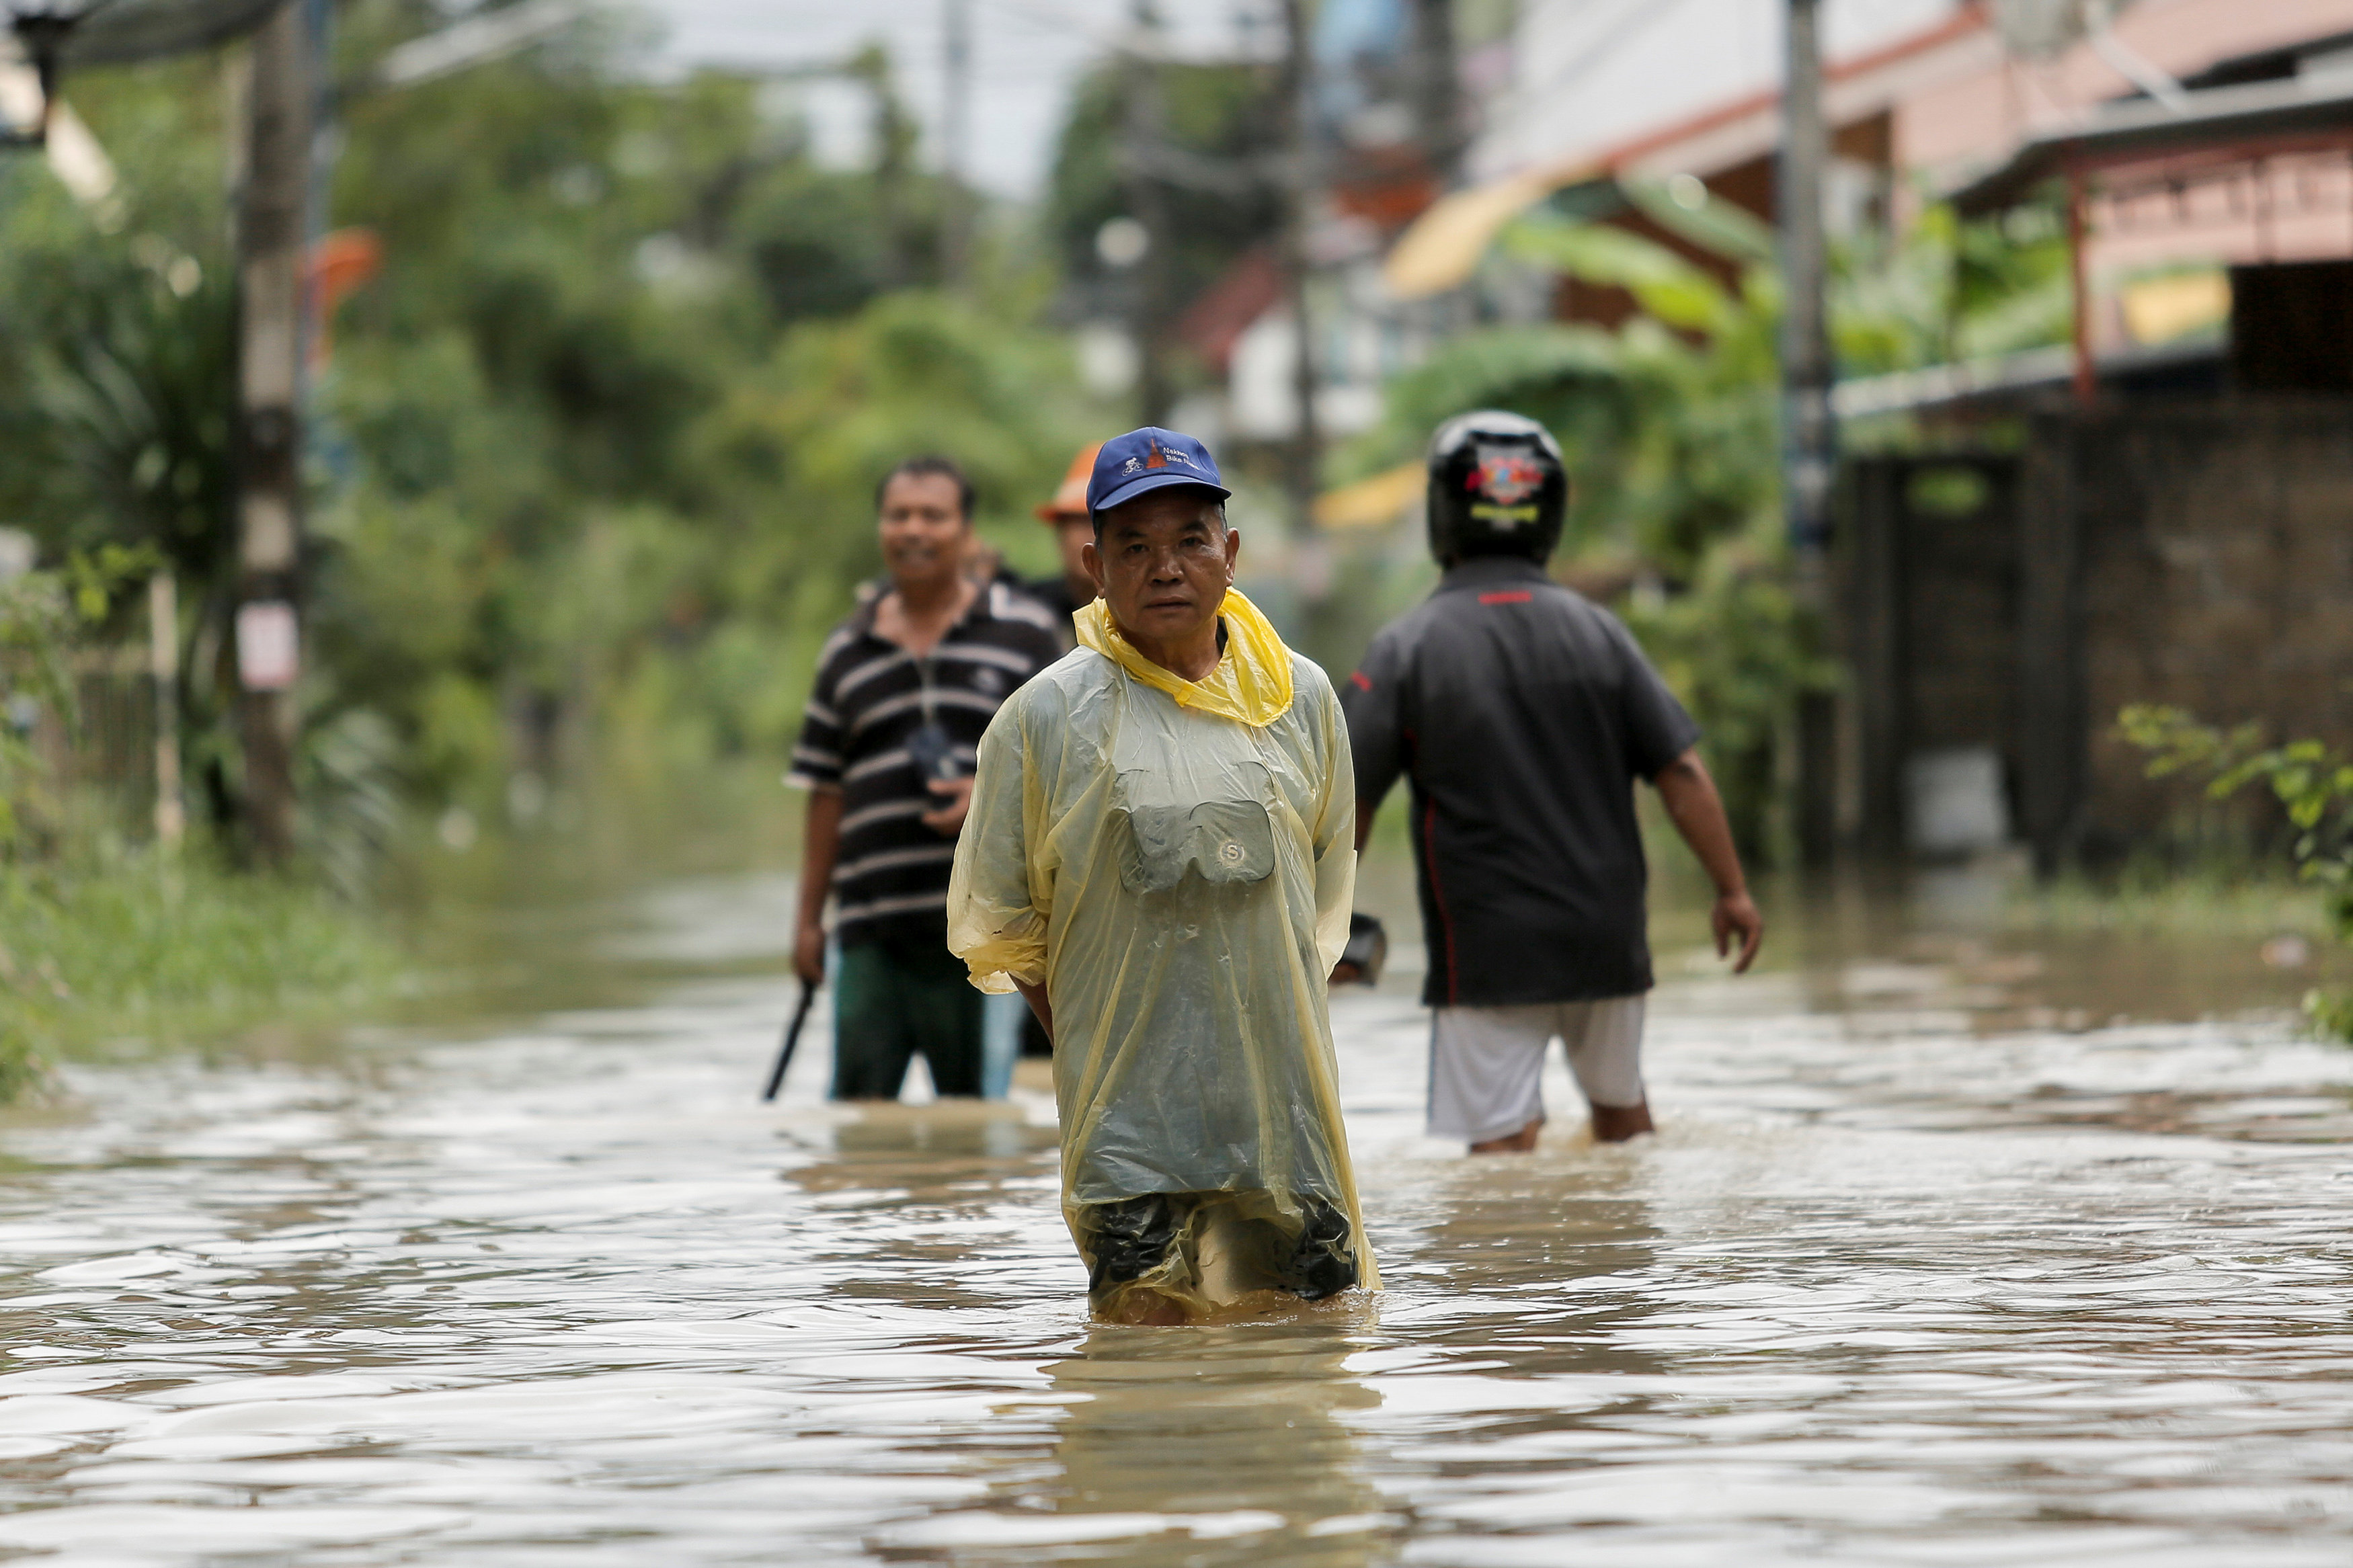 سكان يمشون فى مياه الفيضانات بشواع مقاطعة موانج فى تايالند - رويترز